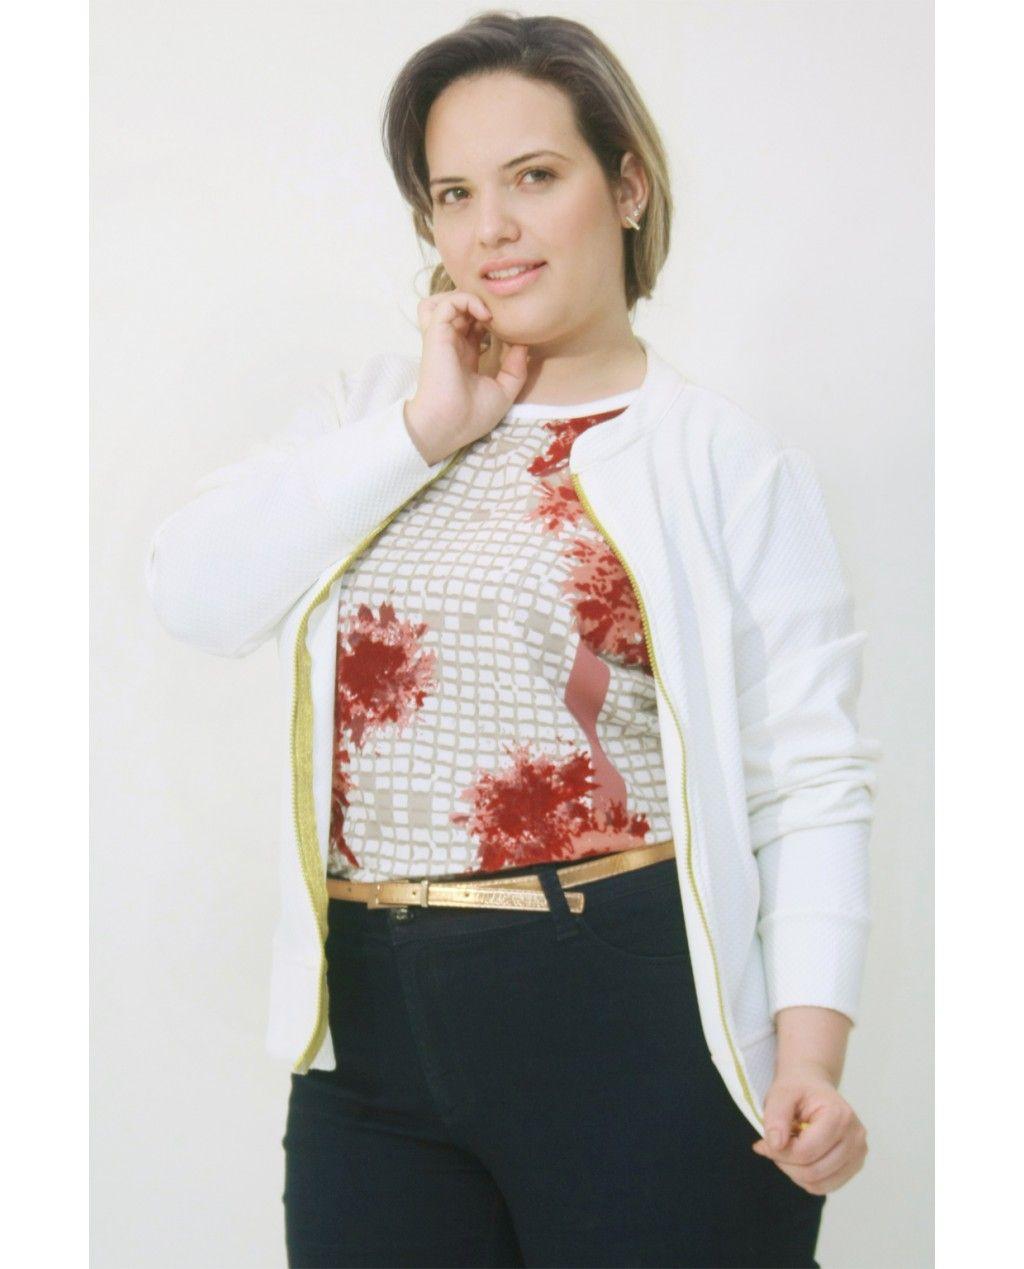 9a5a5c47c  Casaco  Piquet Off White Casaco em malha piquet com mangas comprida com  punho e  zipper na frente. Composição Têxtil 100%  Poliester